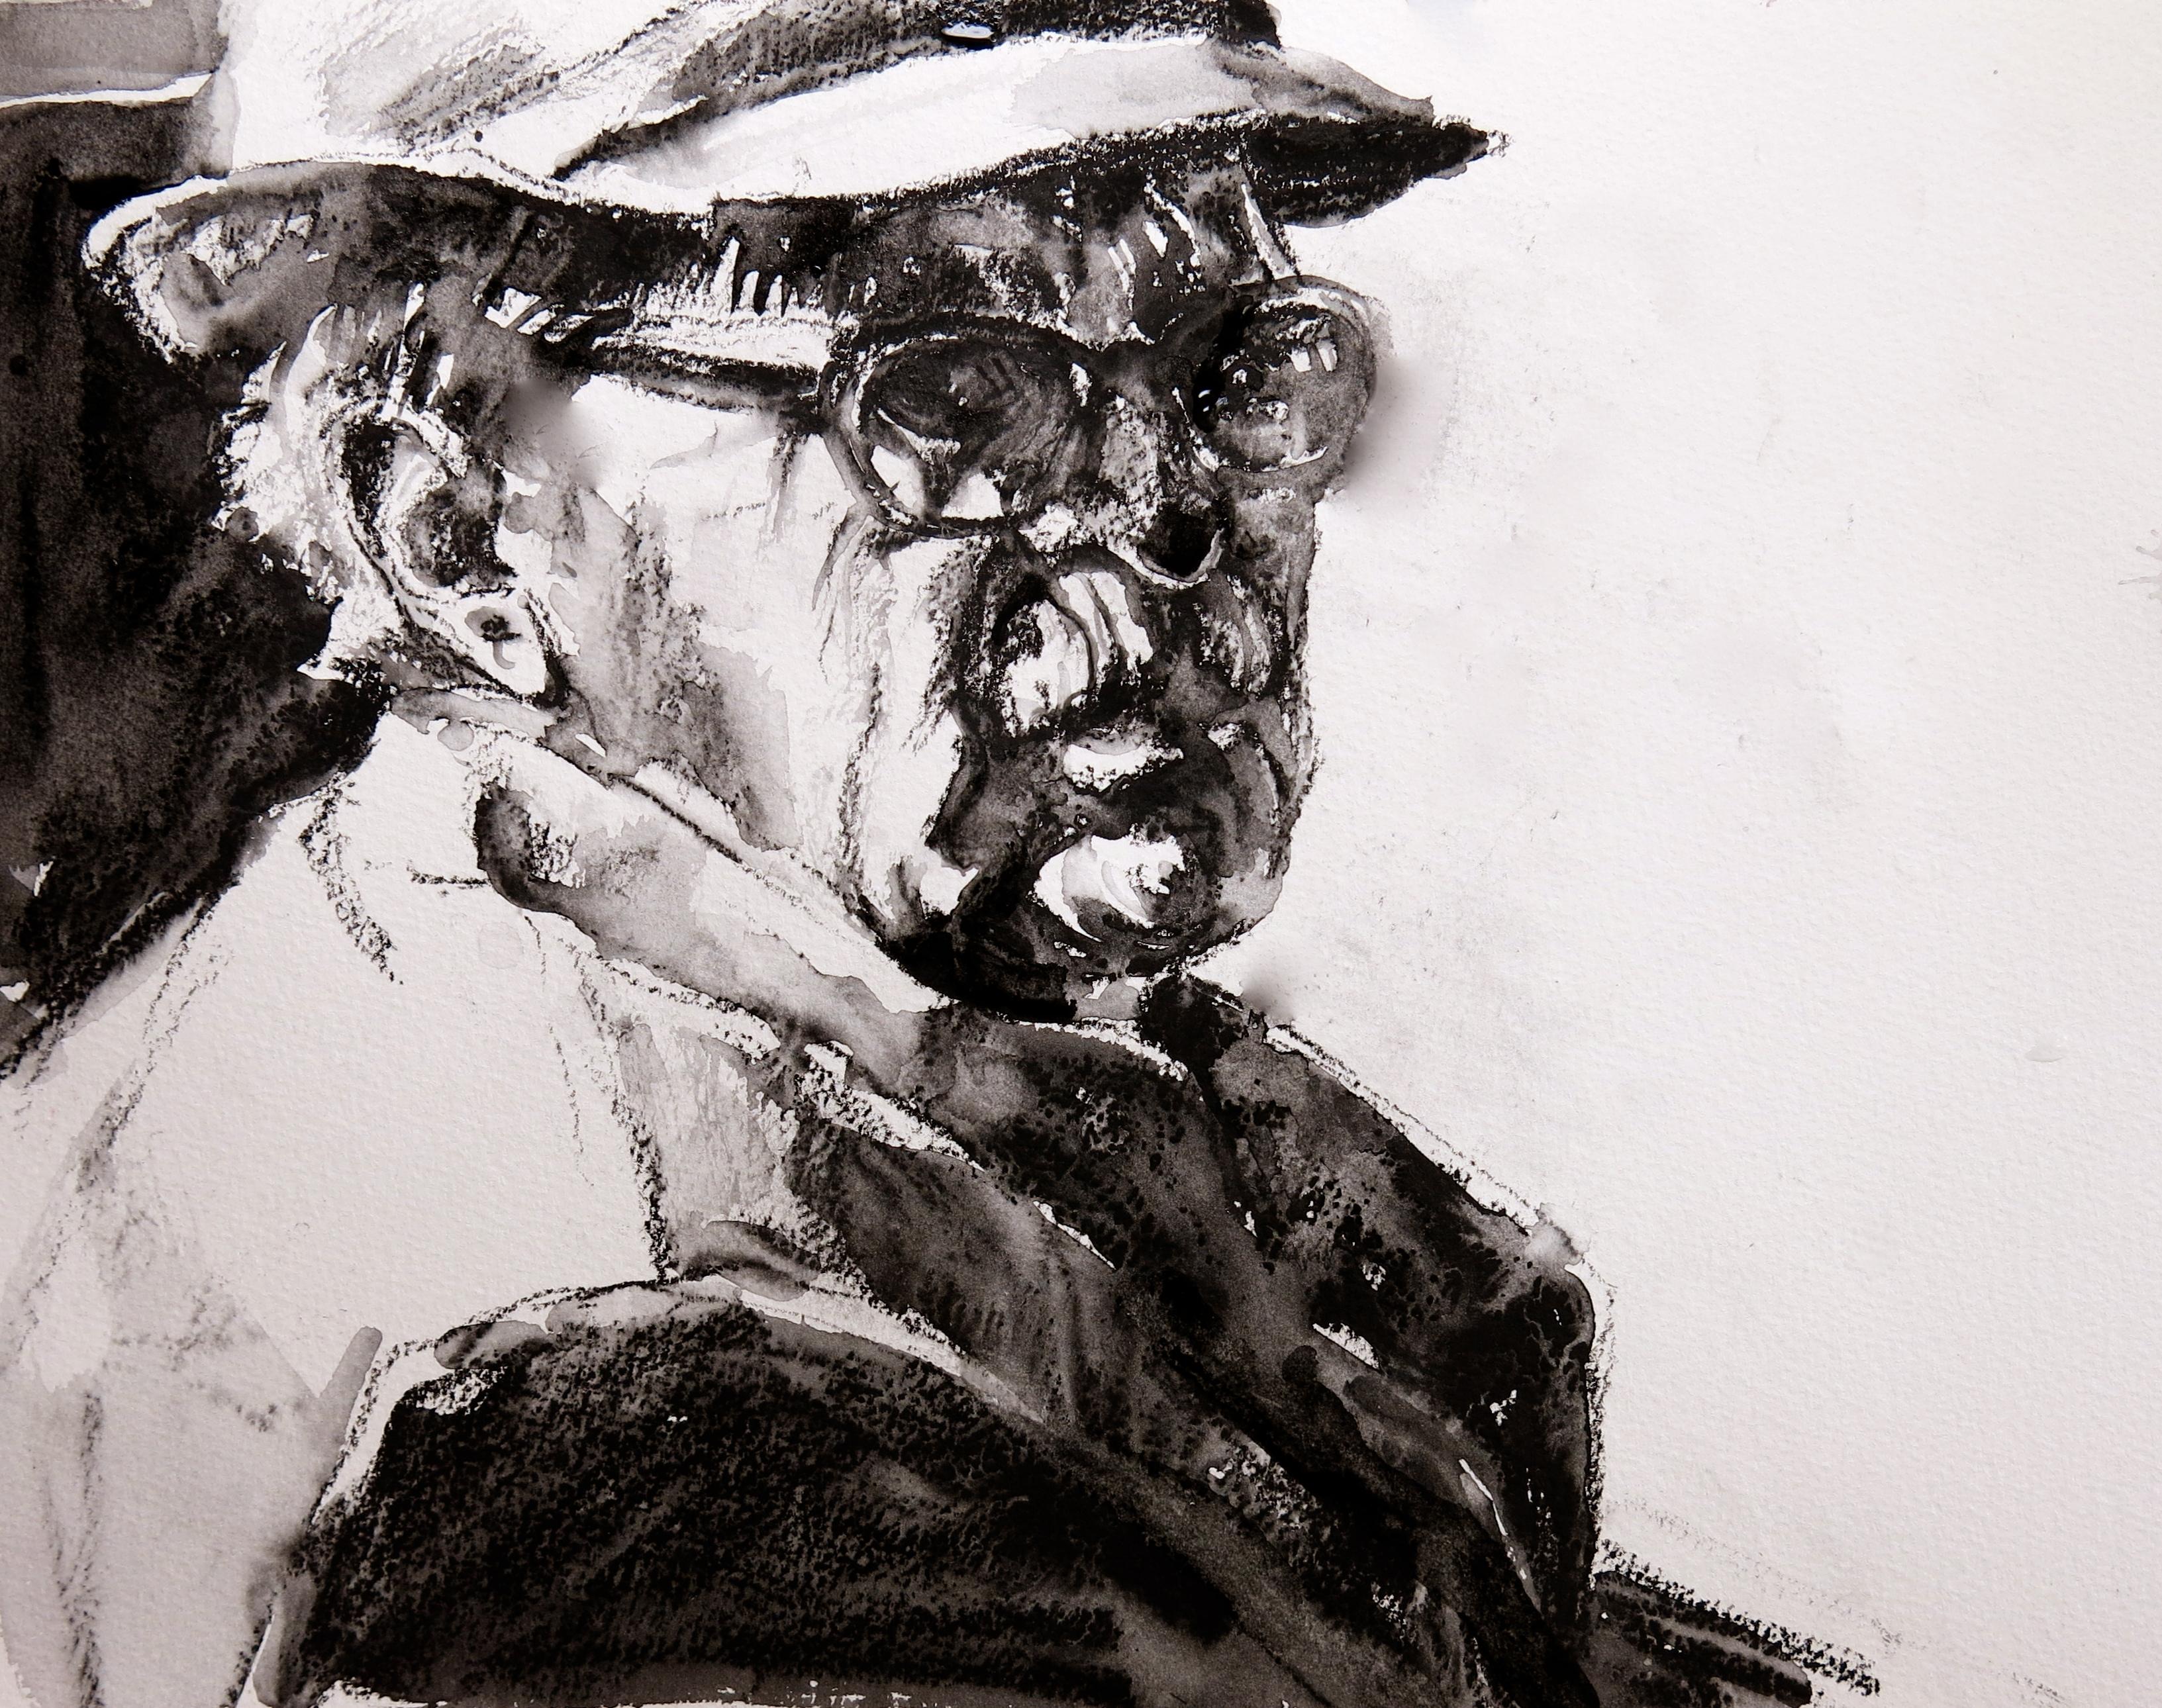 Fond d 39 cran dessin la peinture monochrome portrait for Fond ecran portrait